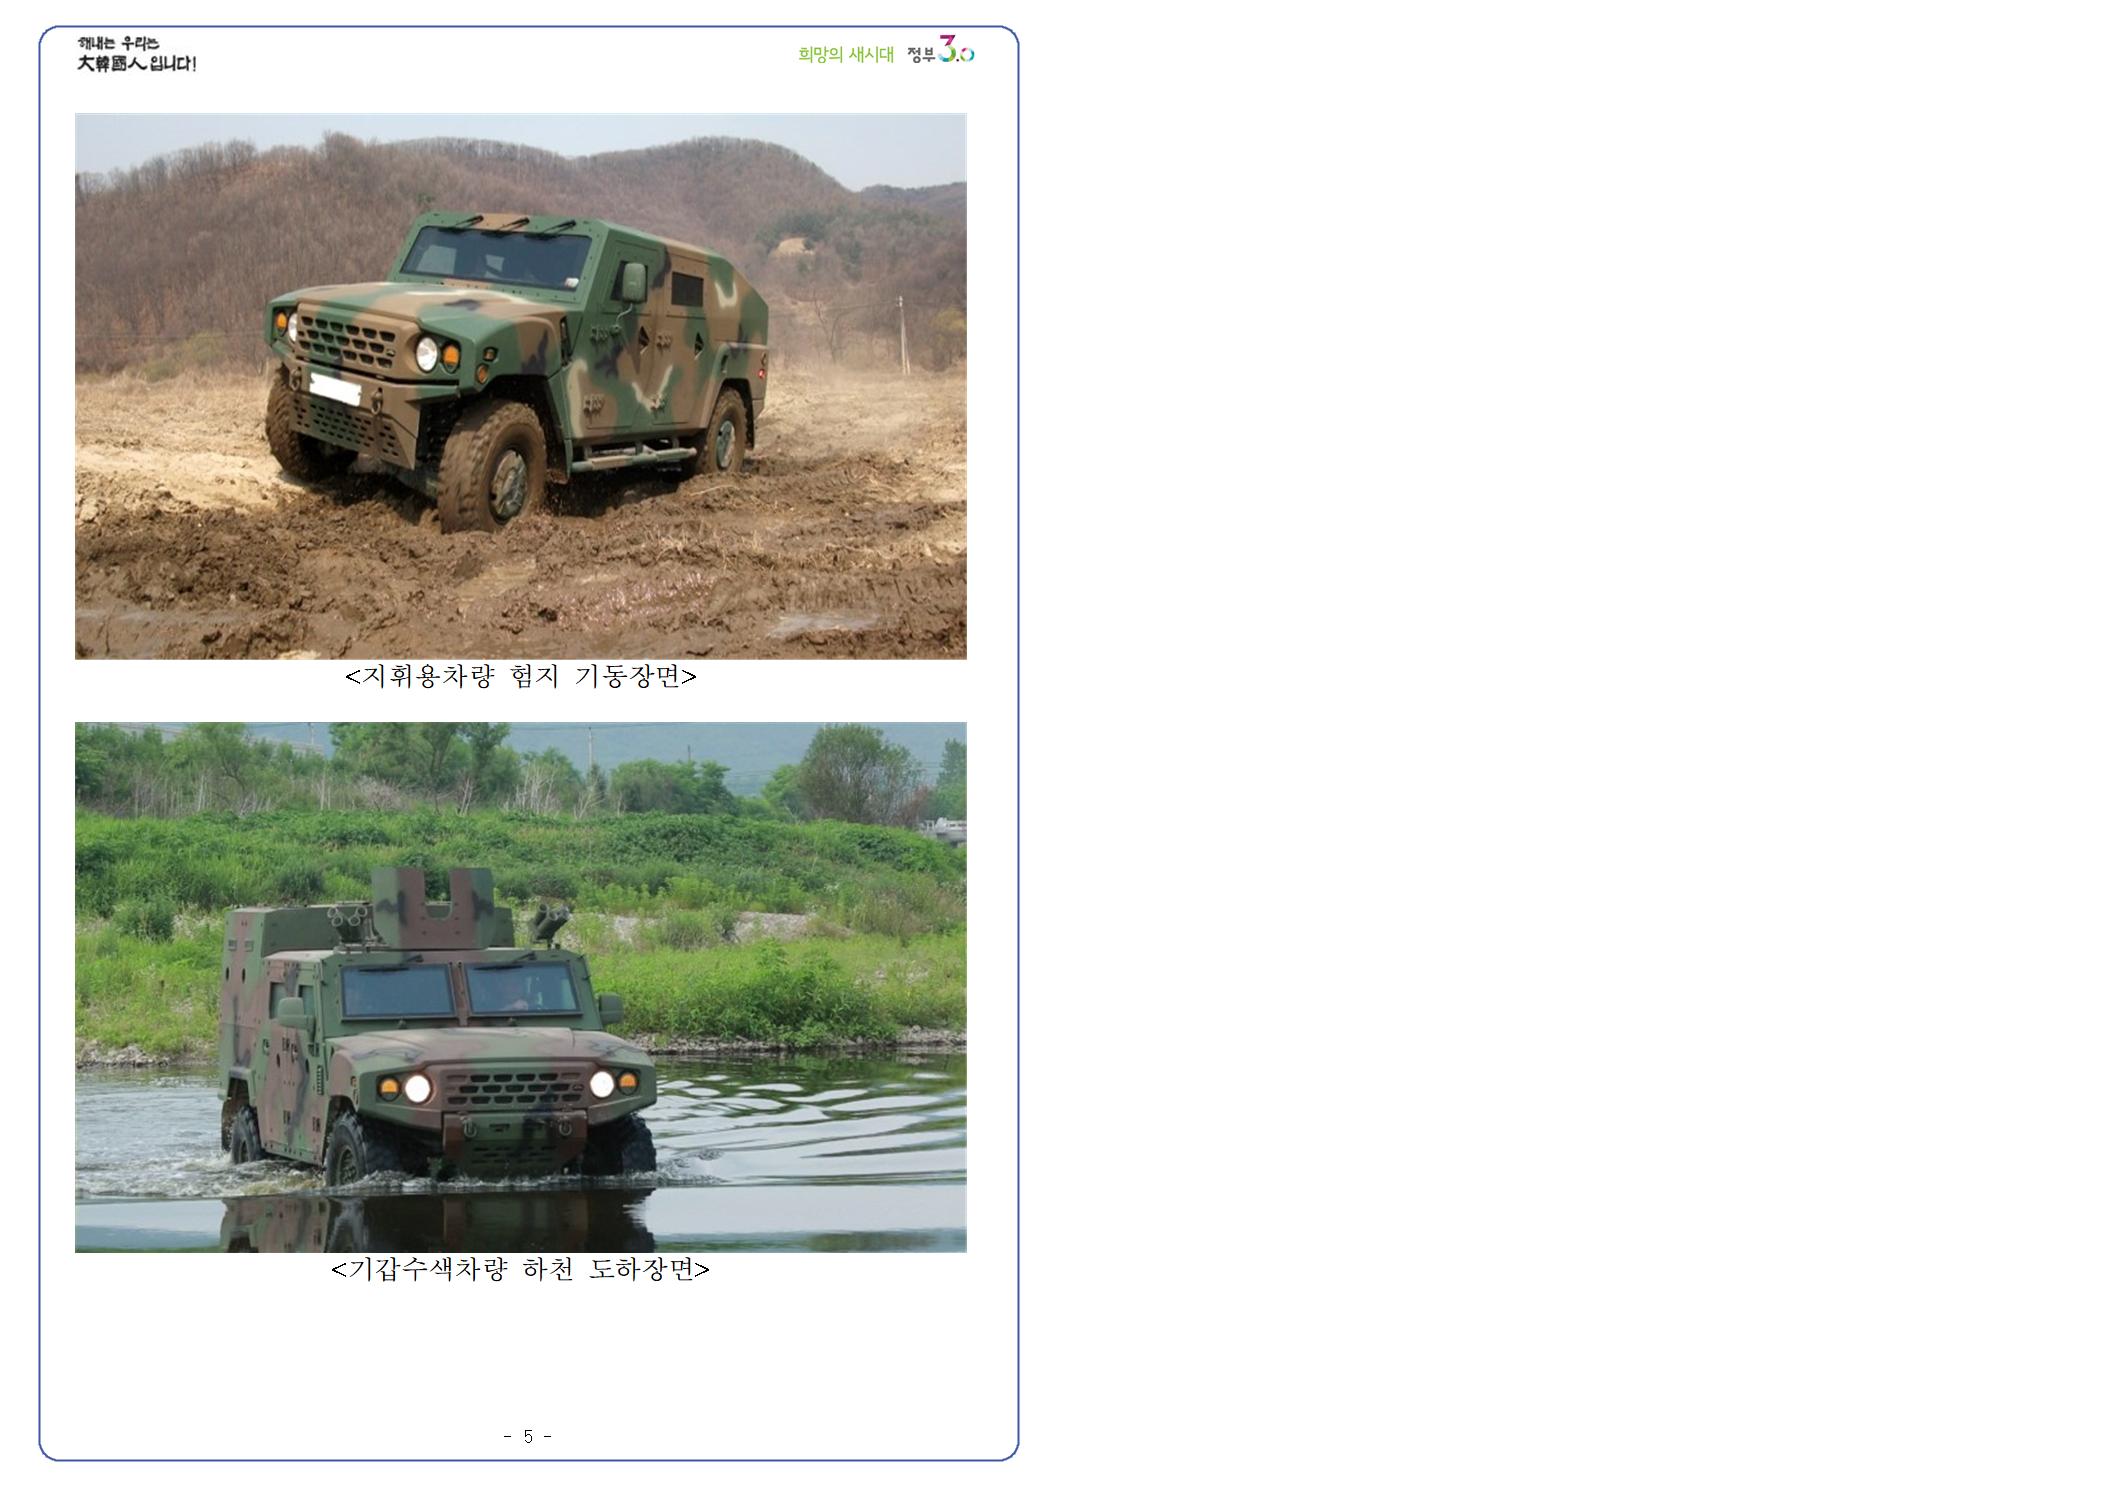 170405 %5B보도자료%5D 소형전술차량 야전운용시험003.png